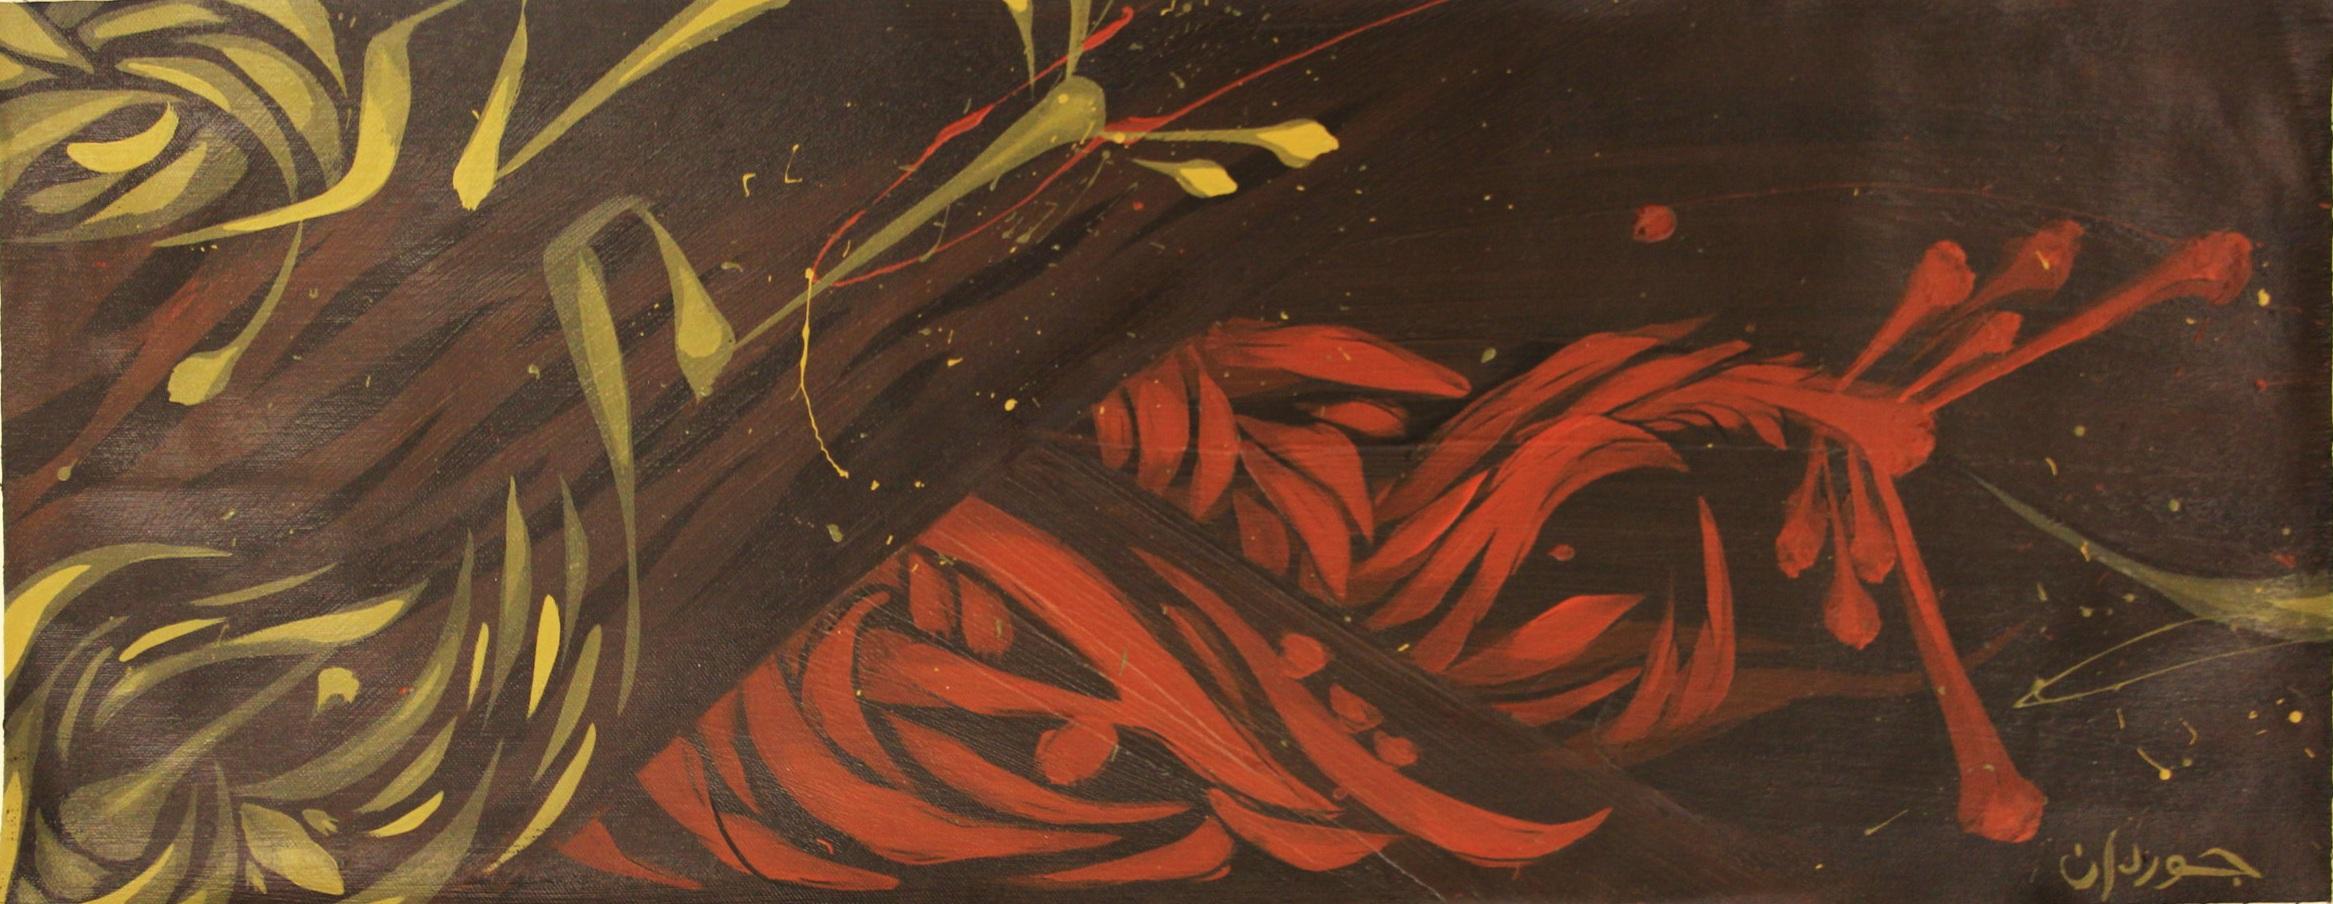 Acrylic on canvas, 2011